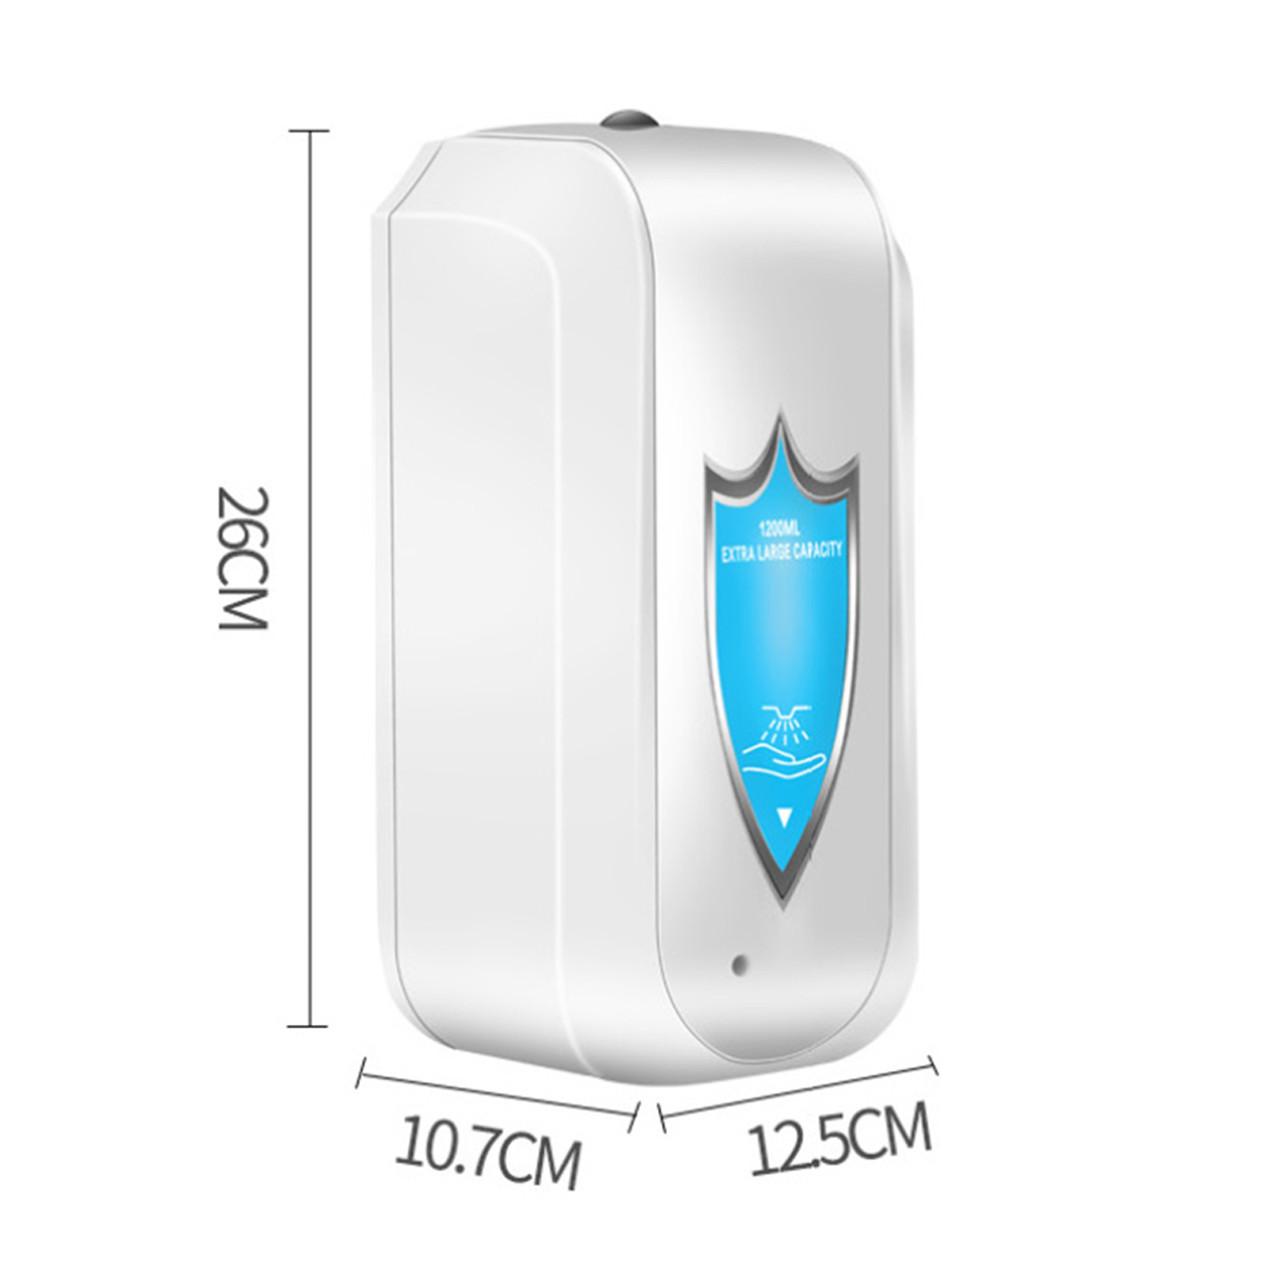 Сенсорный дозатор для мыла GL9003 для антисептика (белый) 1200ml